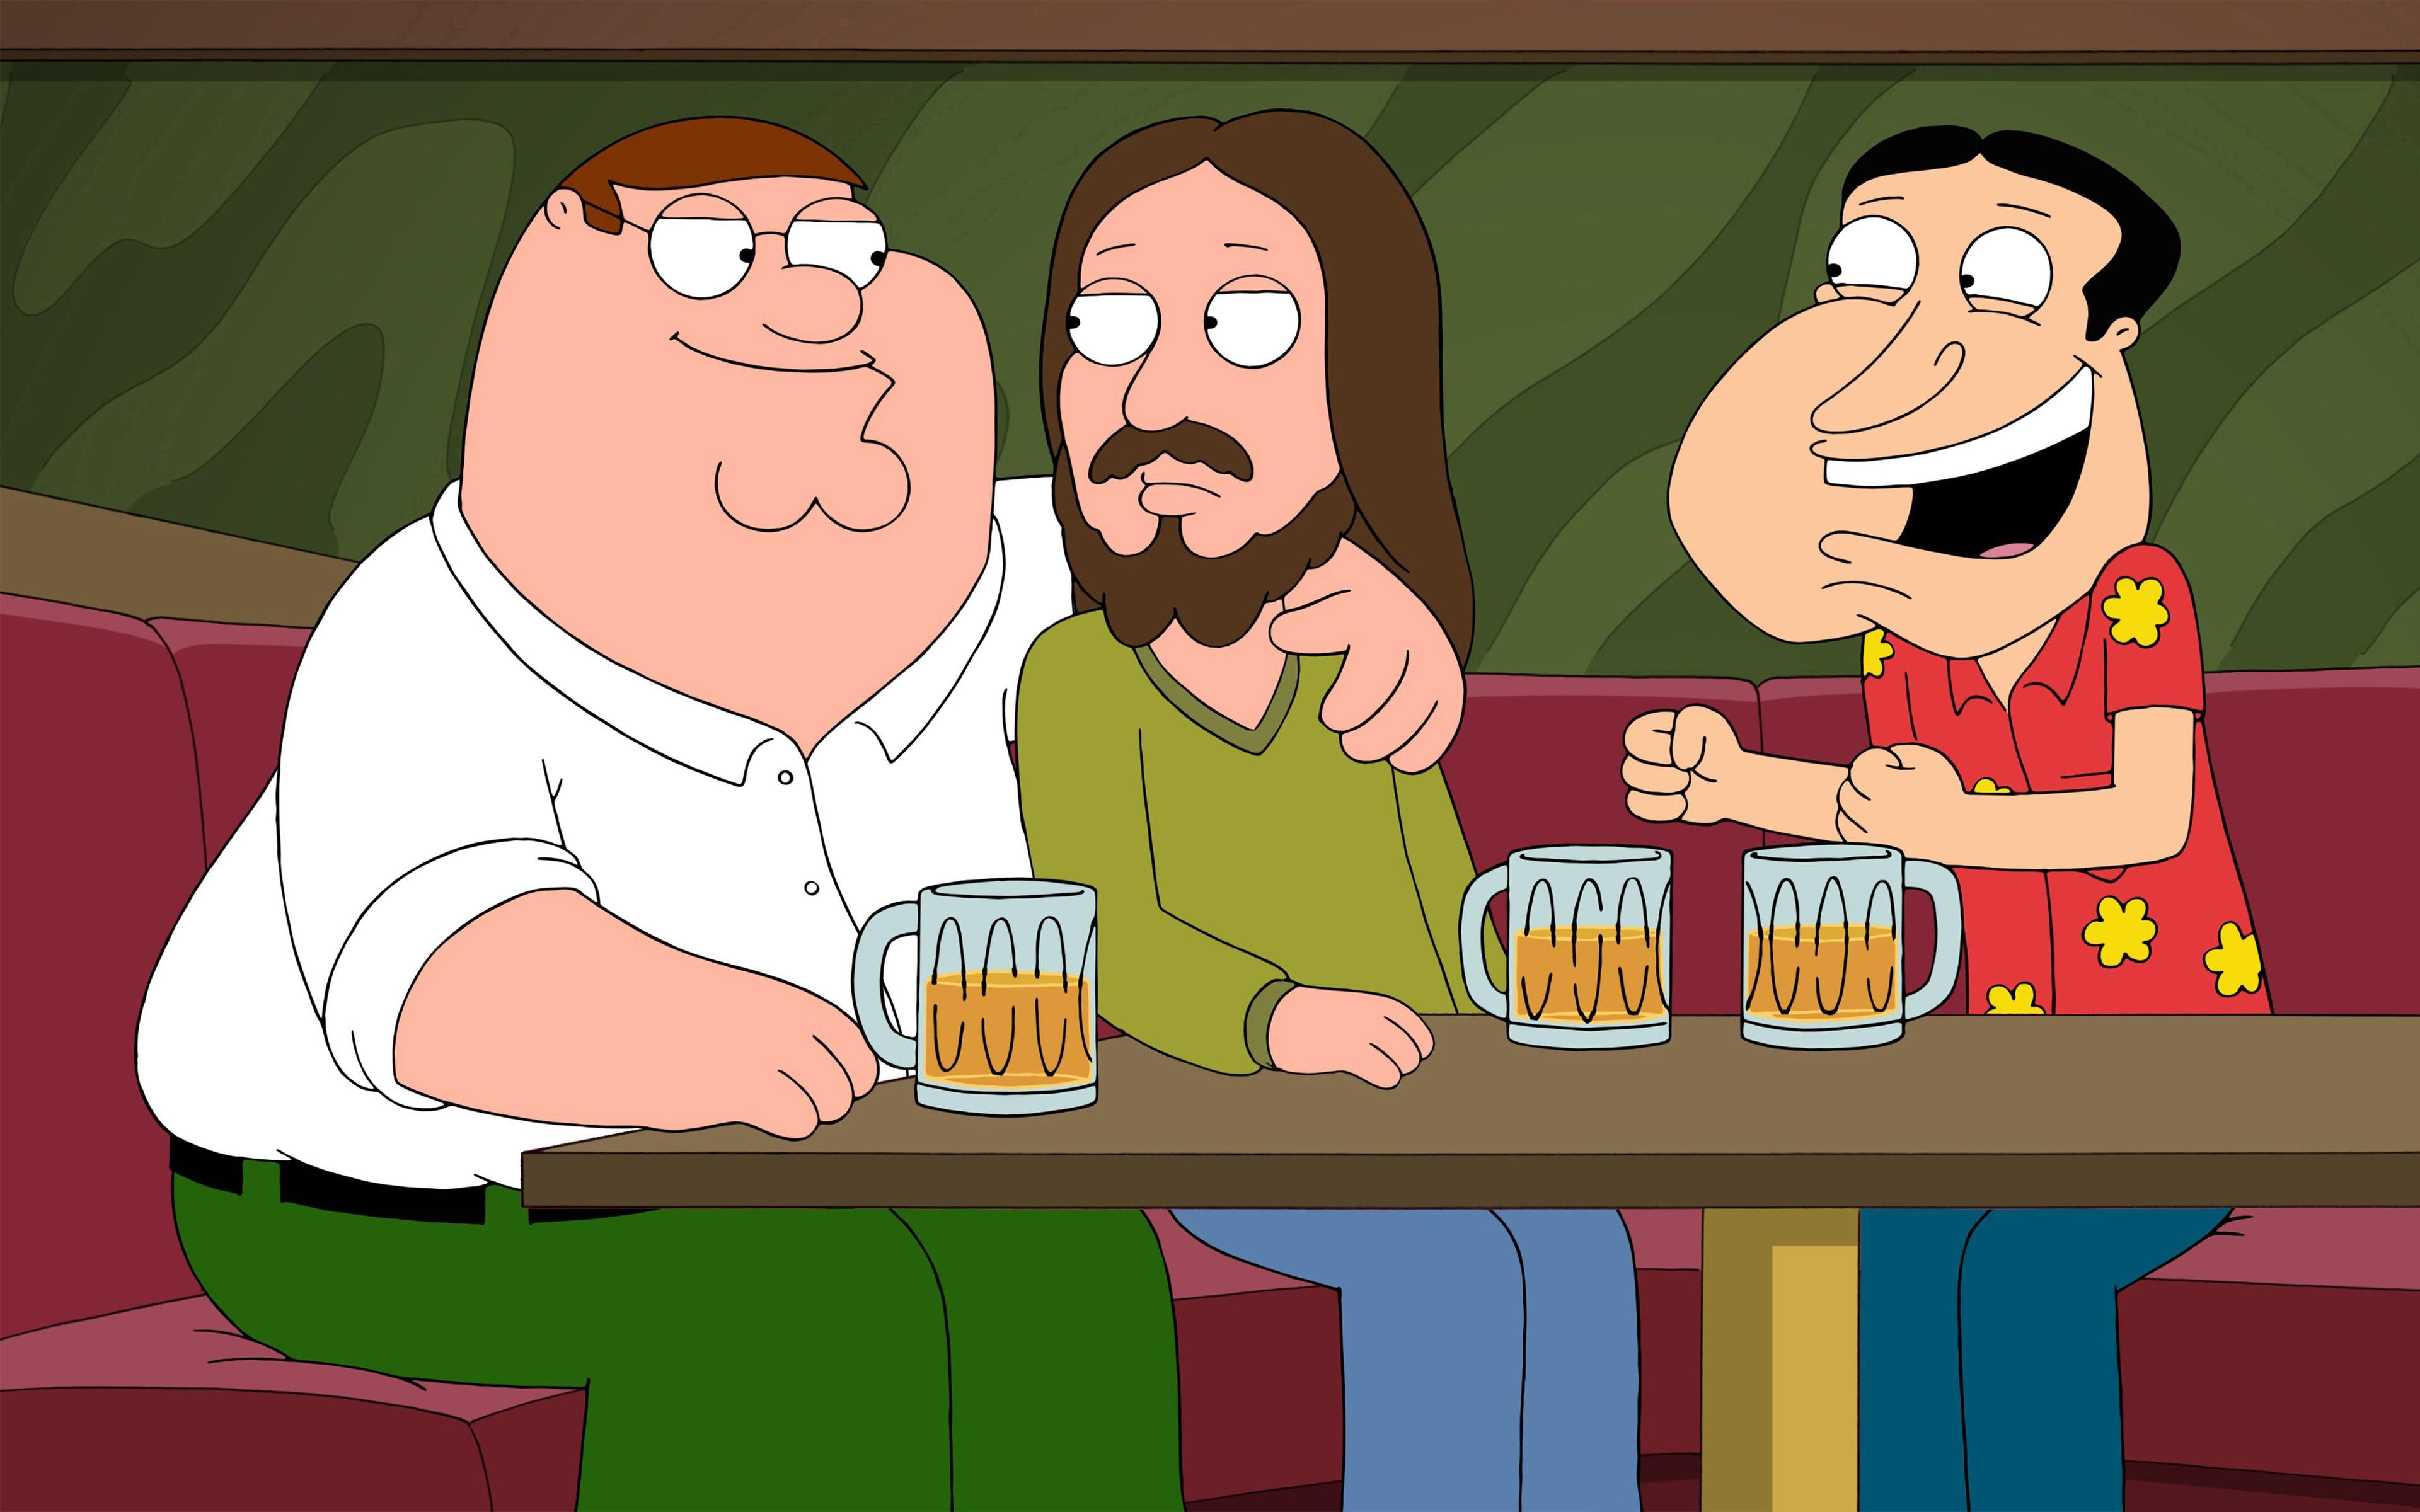 Sfondi : illustrazione cartone animato birra i fumetti gesù